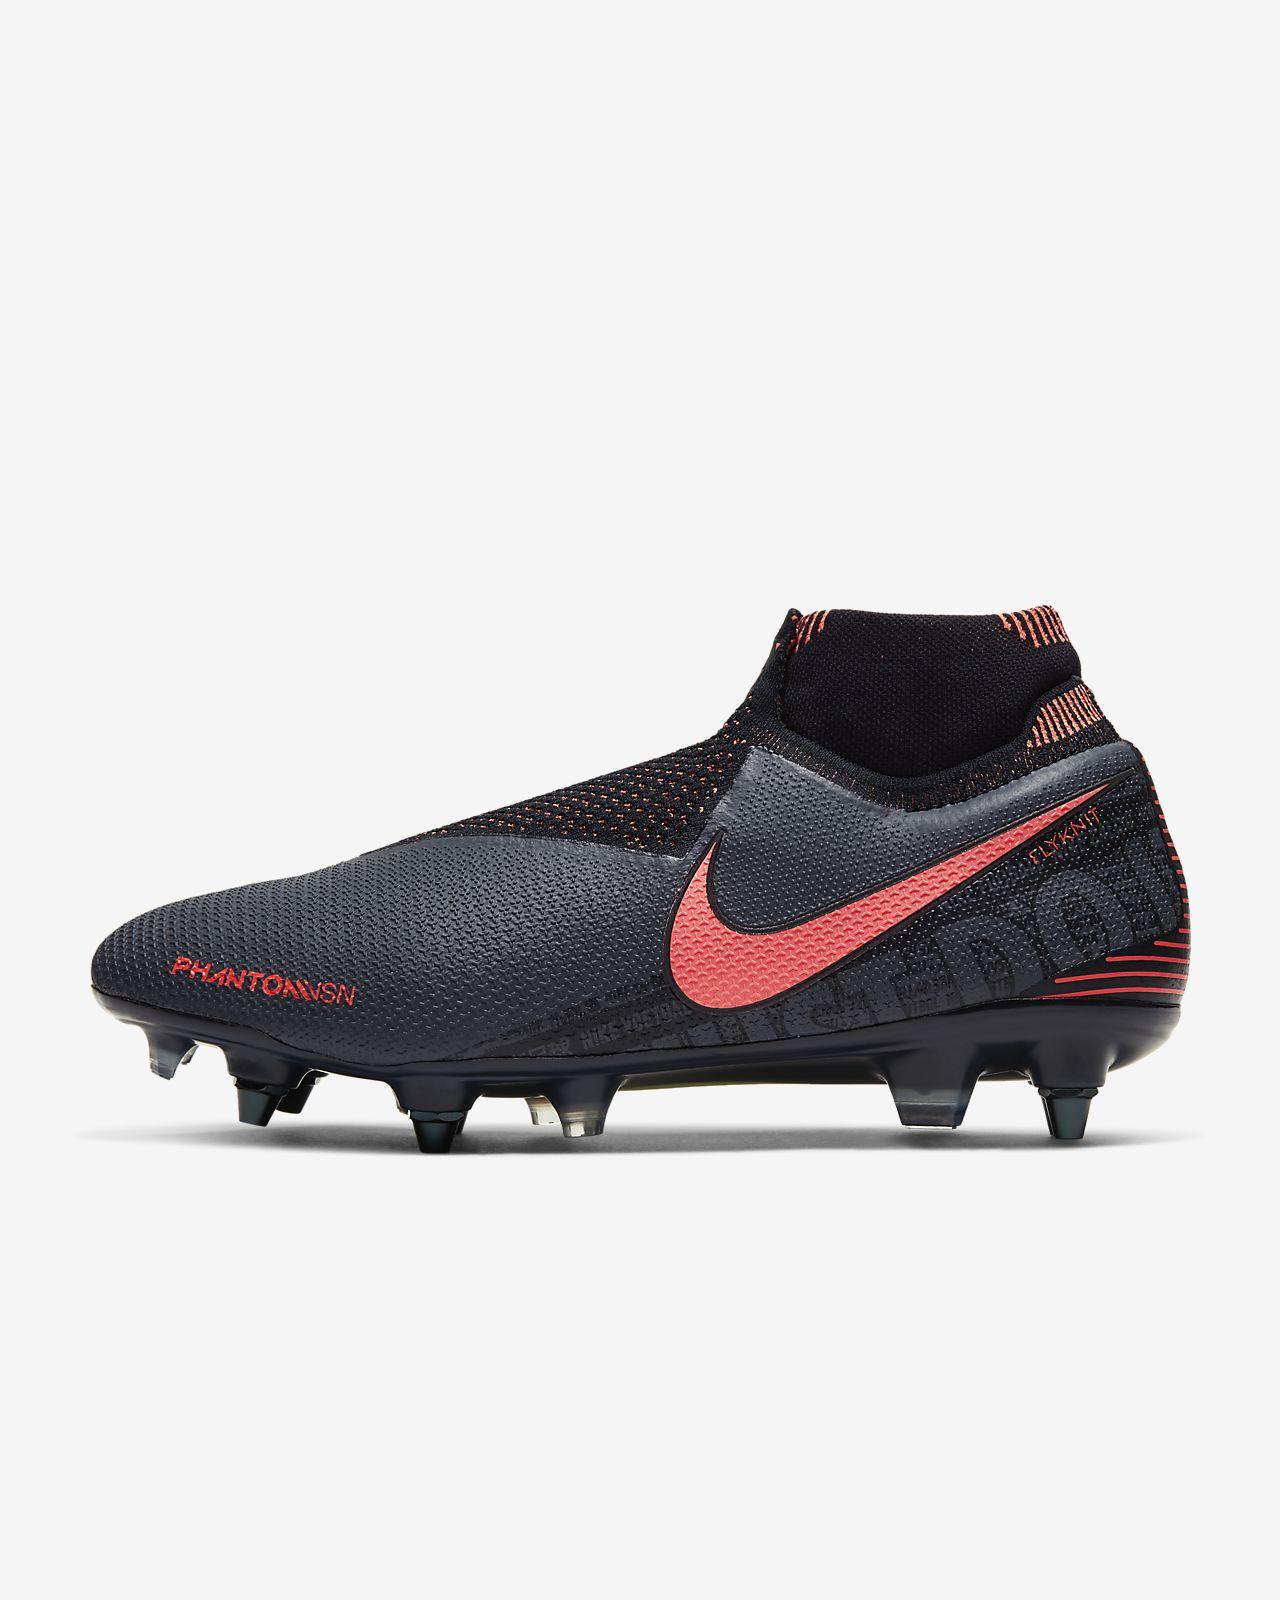 wielka wyprzedaż szalona cena niesamowite ceny Korki piłkarskie Nike Phantom Vision Elite Dynamic Fit Anti-Clog SG-PRO